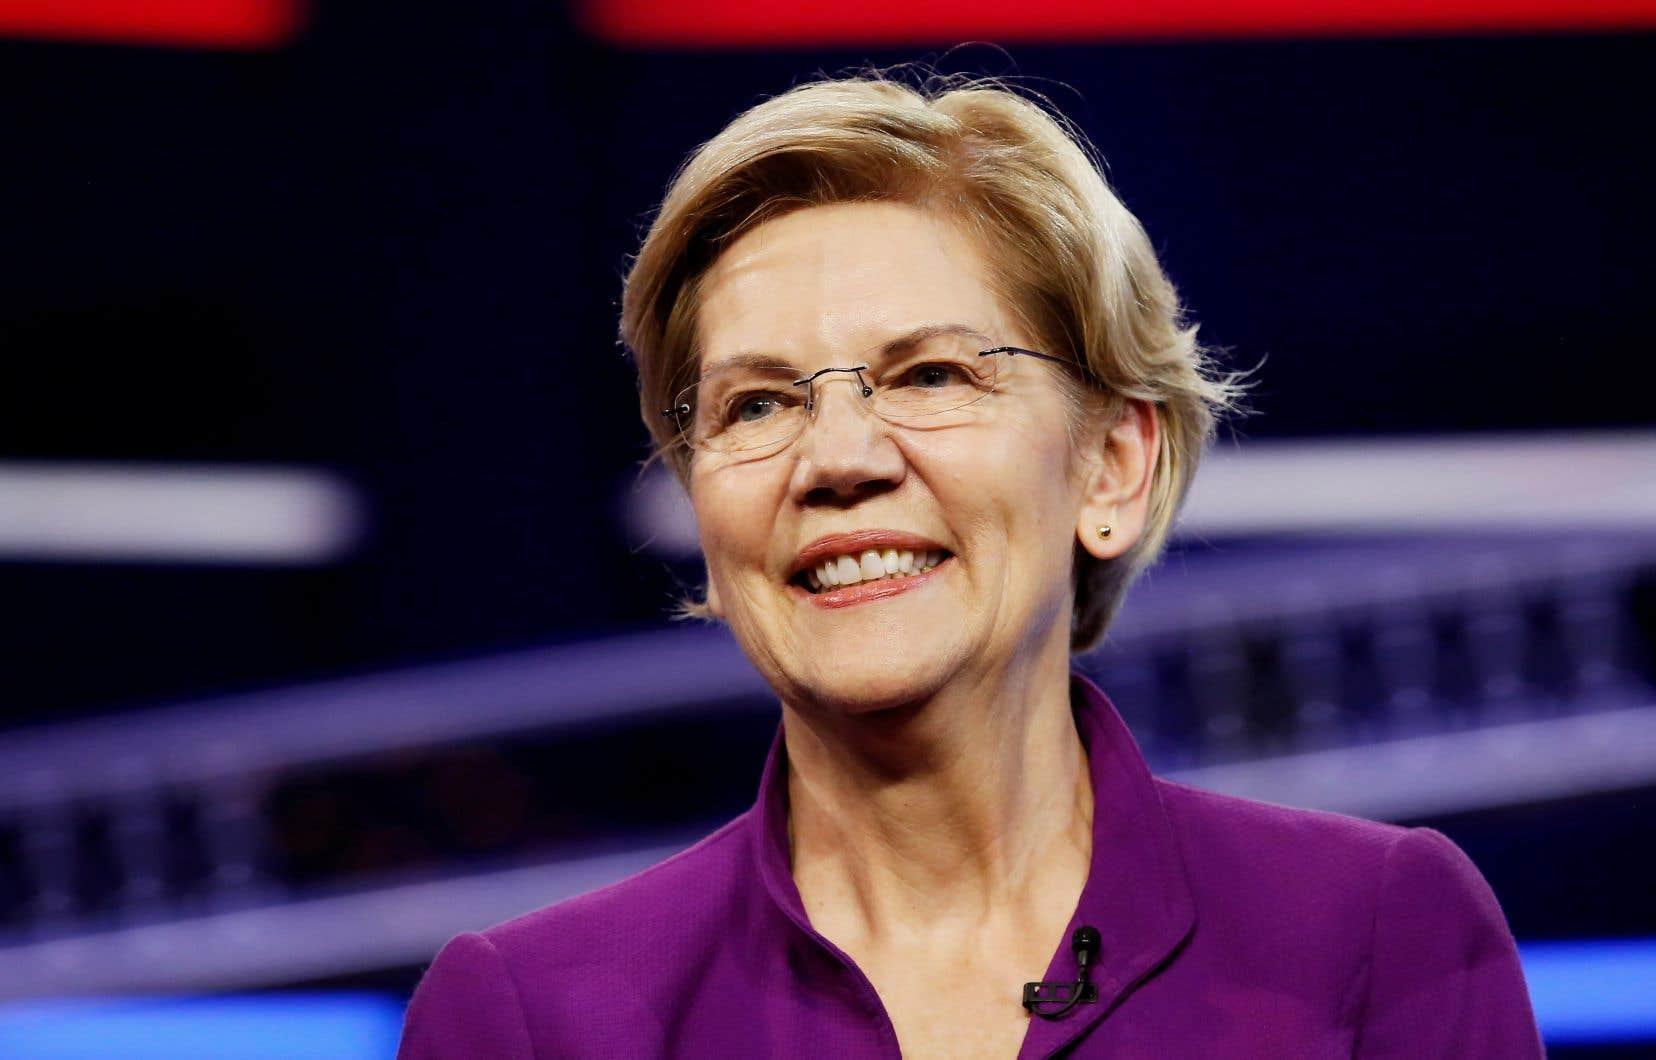 La sénatrice Elizabeth Warren a été la première à prendre la parole sur le thème des inégalités économiques.